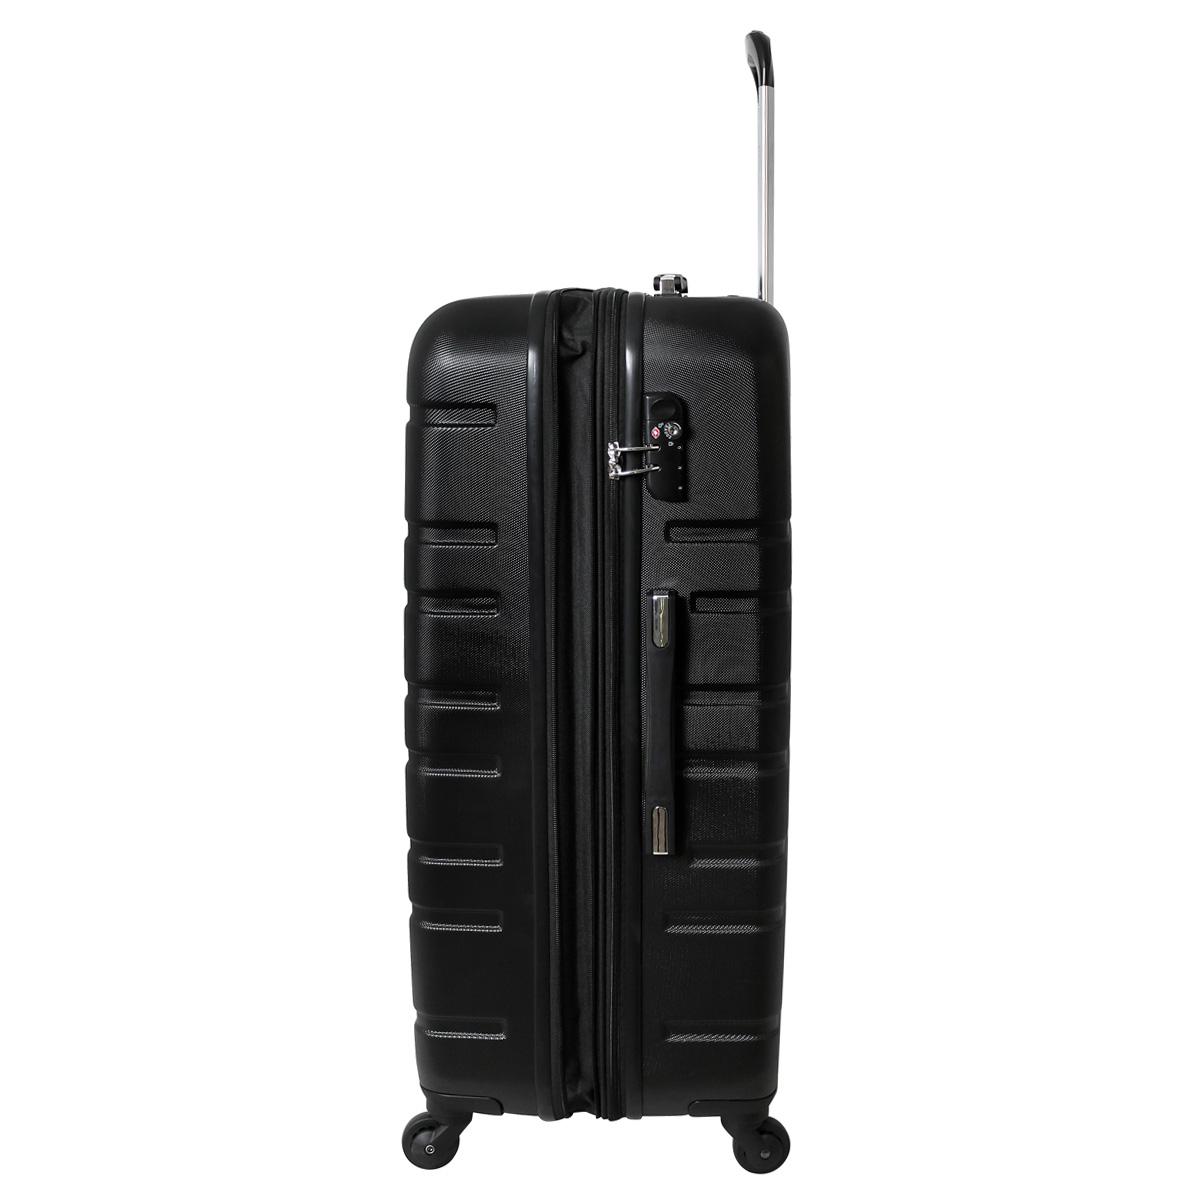 xxl hartschalen reise koffer tsa schloss 120 liter schwarz. Black Bedroom Furniture Sets. Home Design Ideas